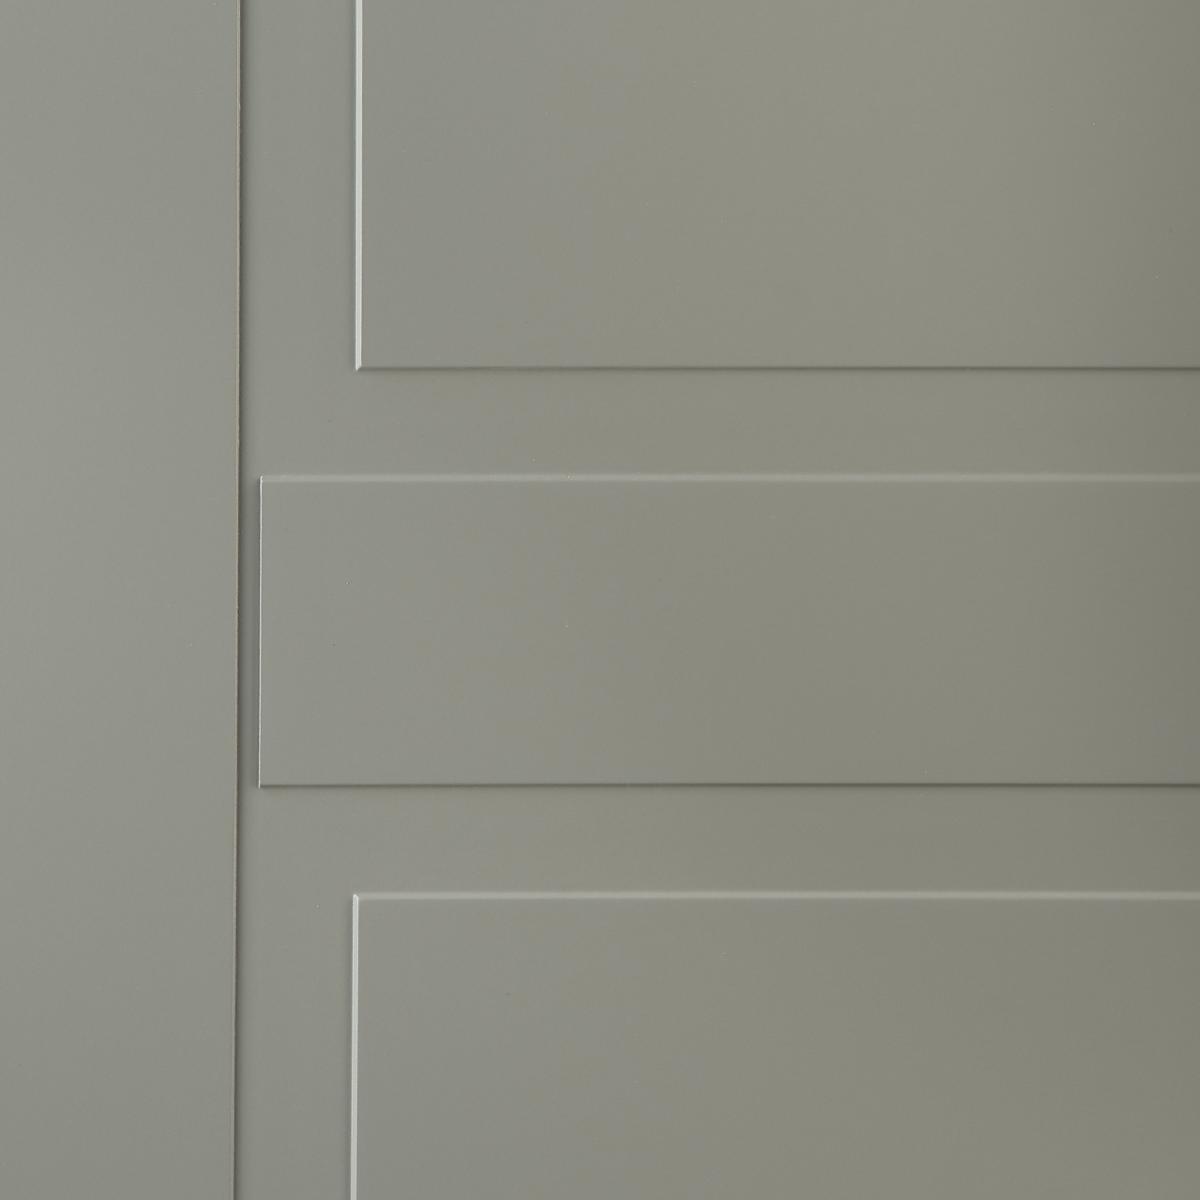 Дверь Межкомнатная Глухая С Замком В Комплекте Этна 60x200 Эмаль Цвет Грей